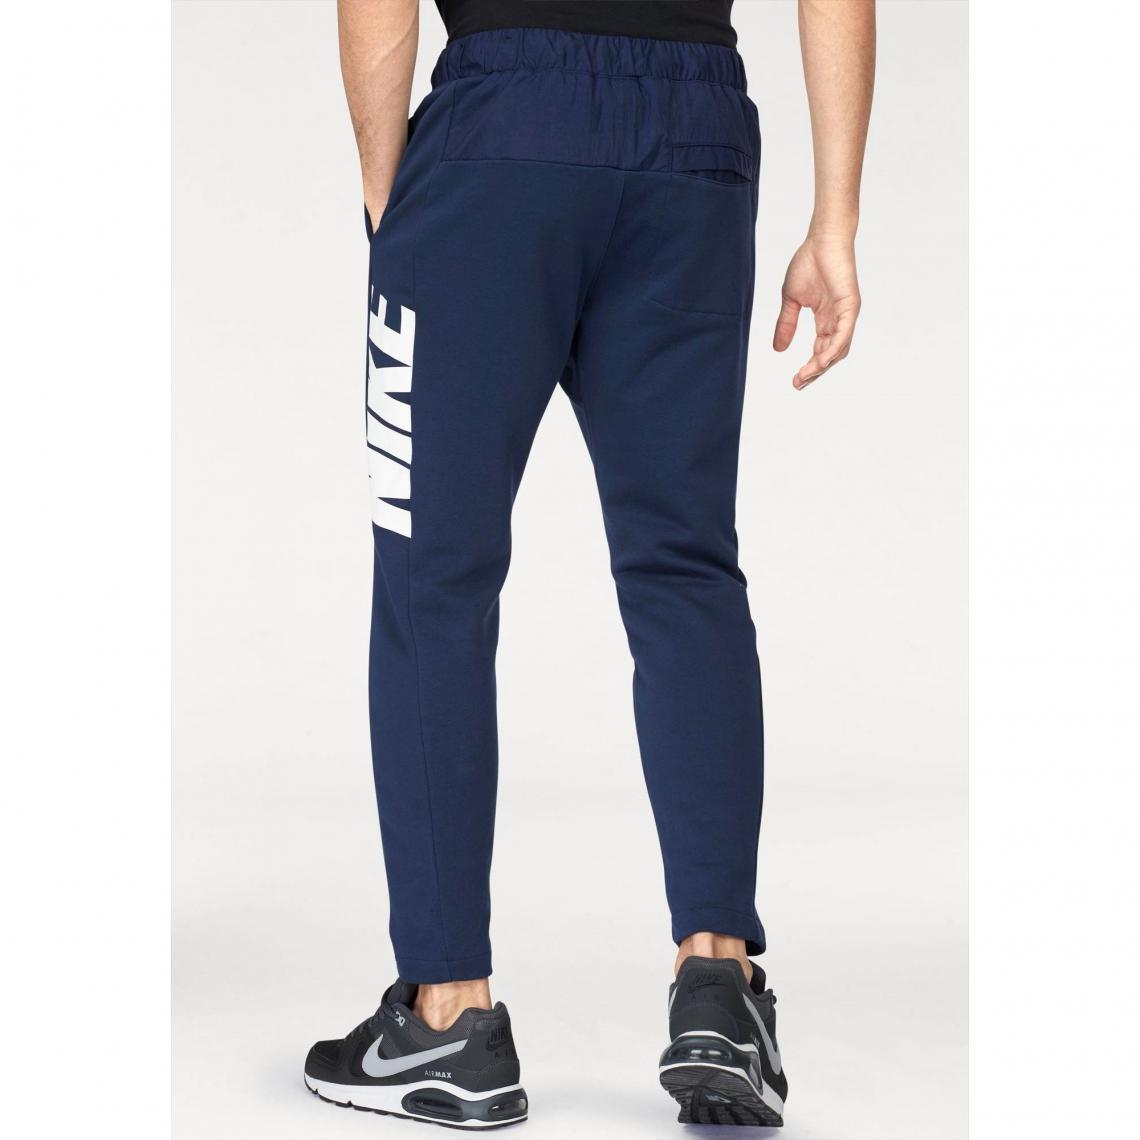 Nike Homme Survêtement De Pantalon 3suisses Bleu gnxYxw